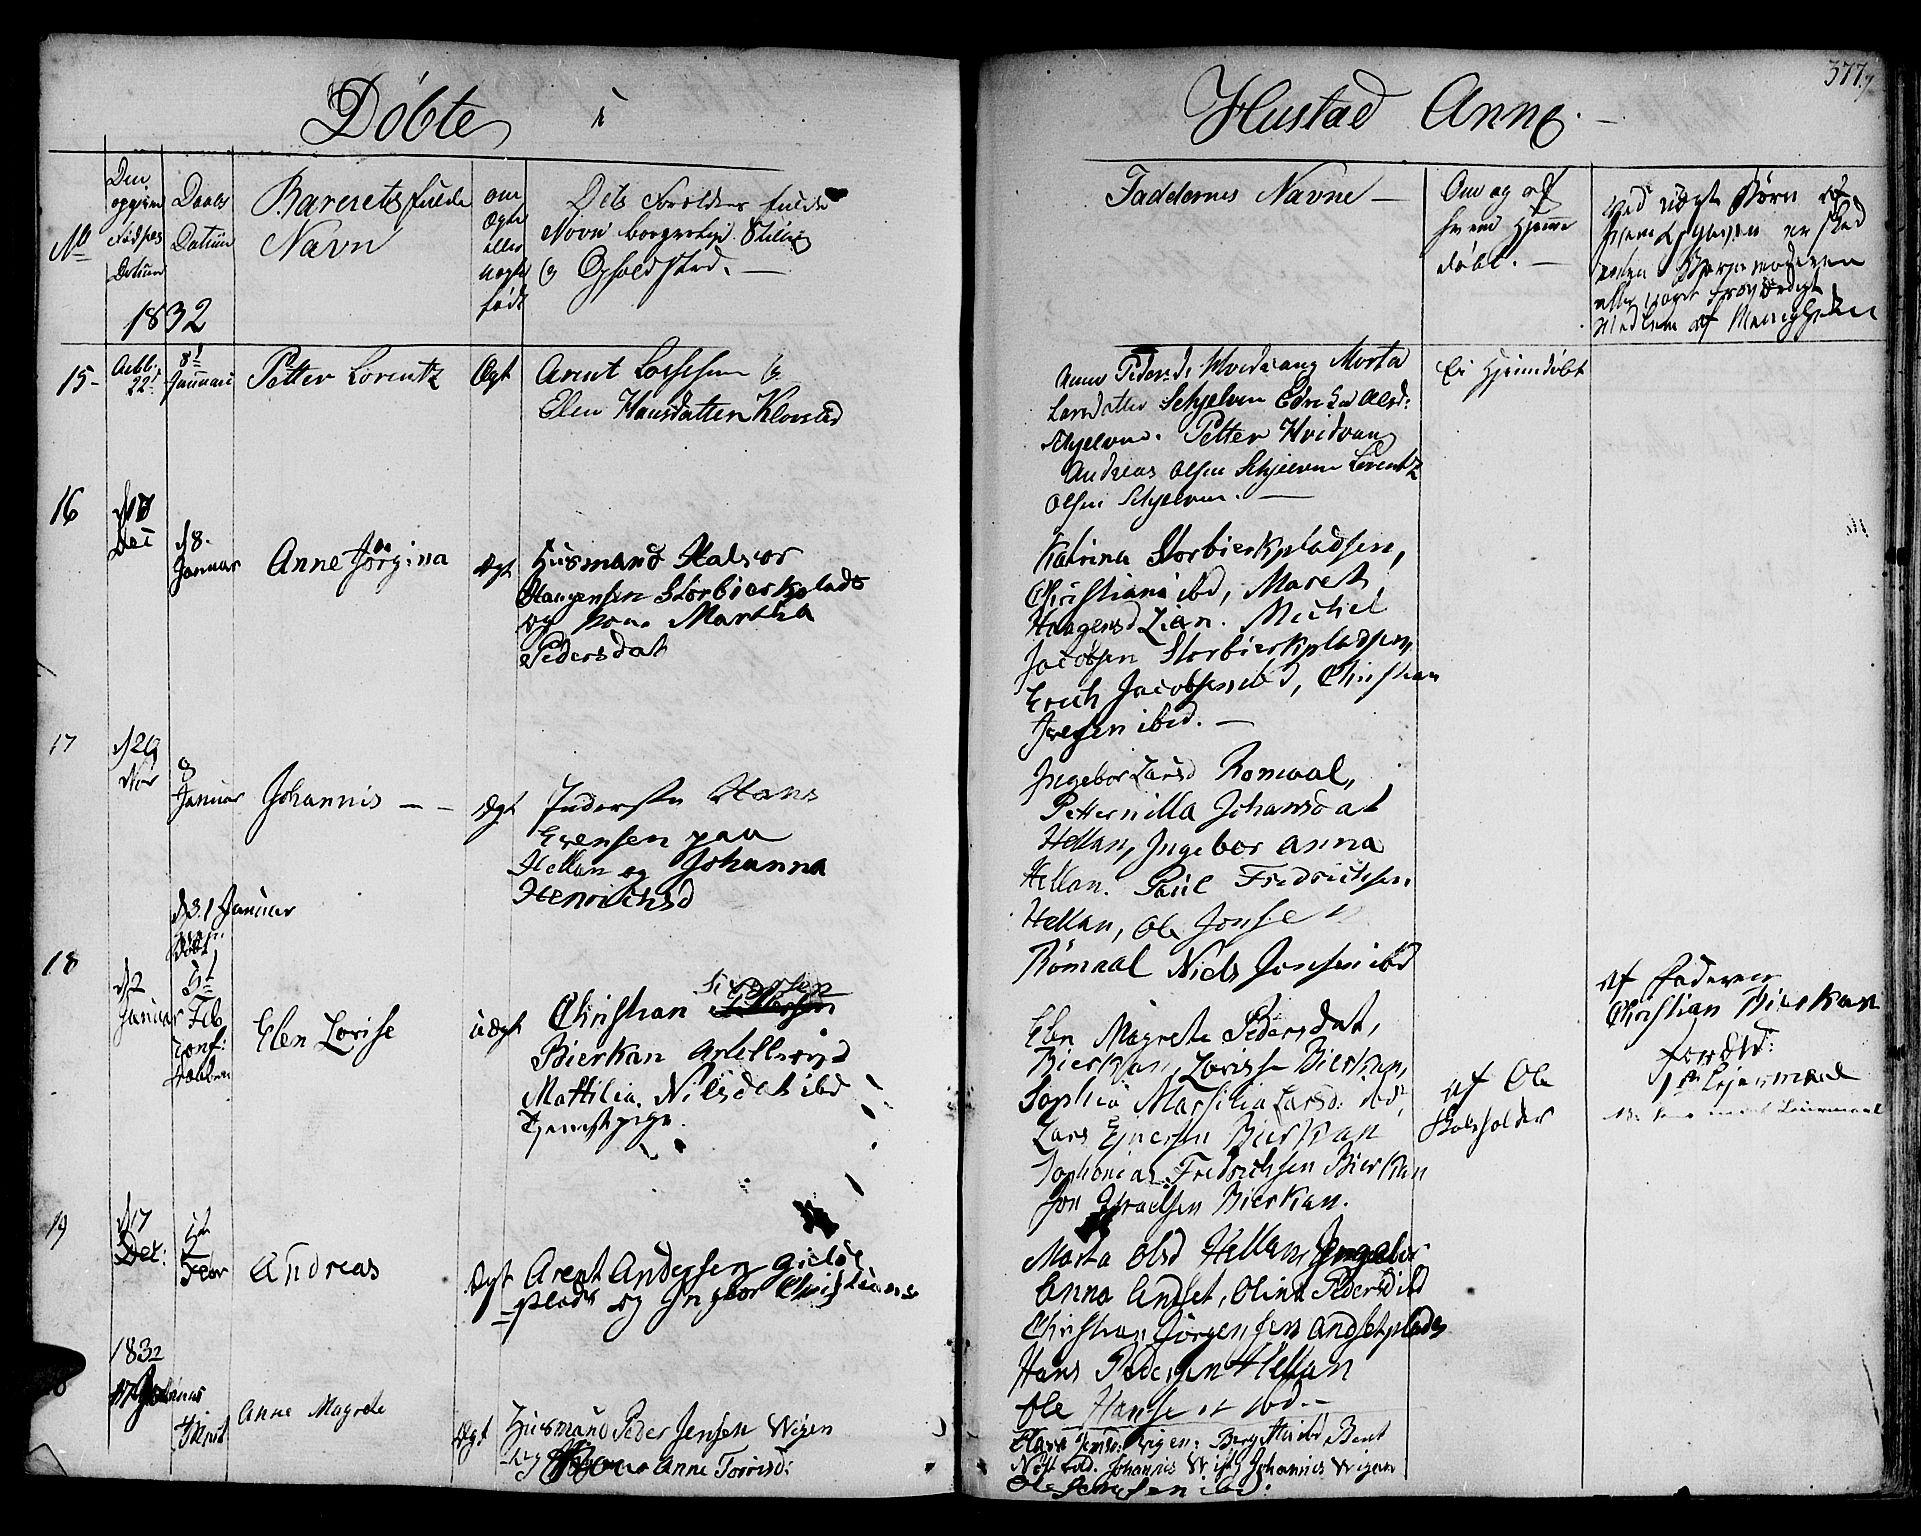 SAT, Ministerialprotokoller, klokkerbøker og fødselsregistre - Nord-Trøndelag, 730/L0277: Ministerialbok nr. 730A06 /3, 1830-1839, s. 377